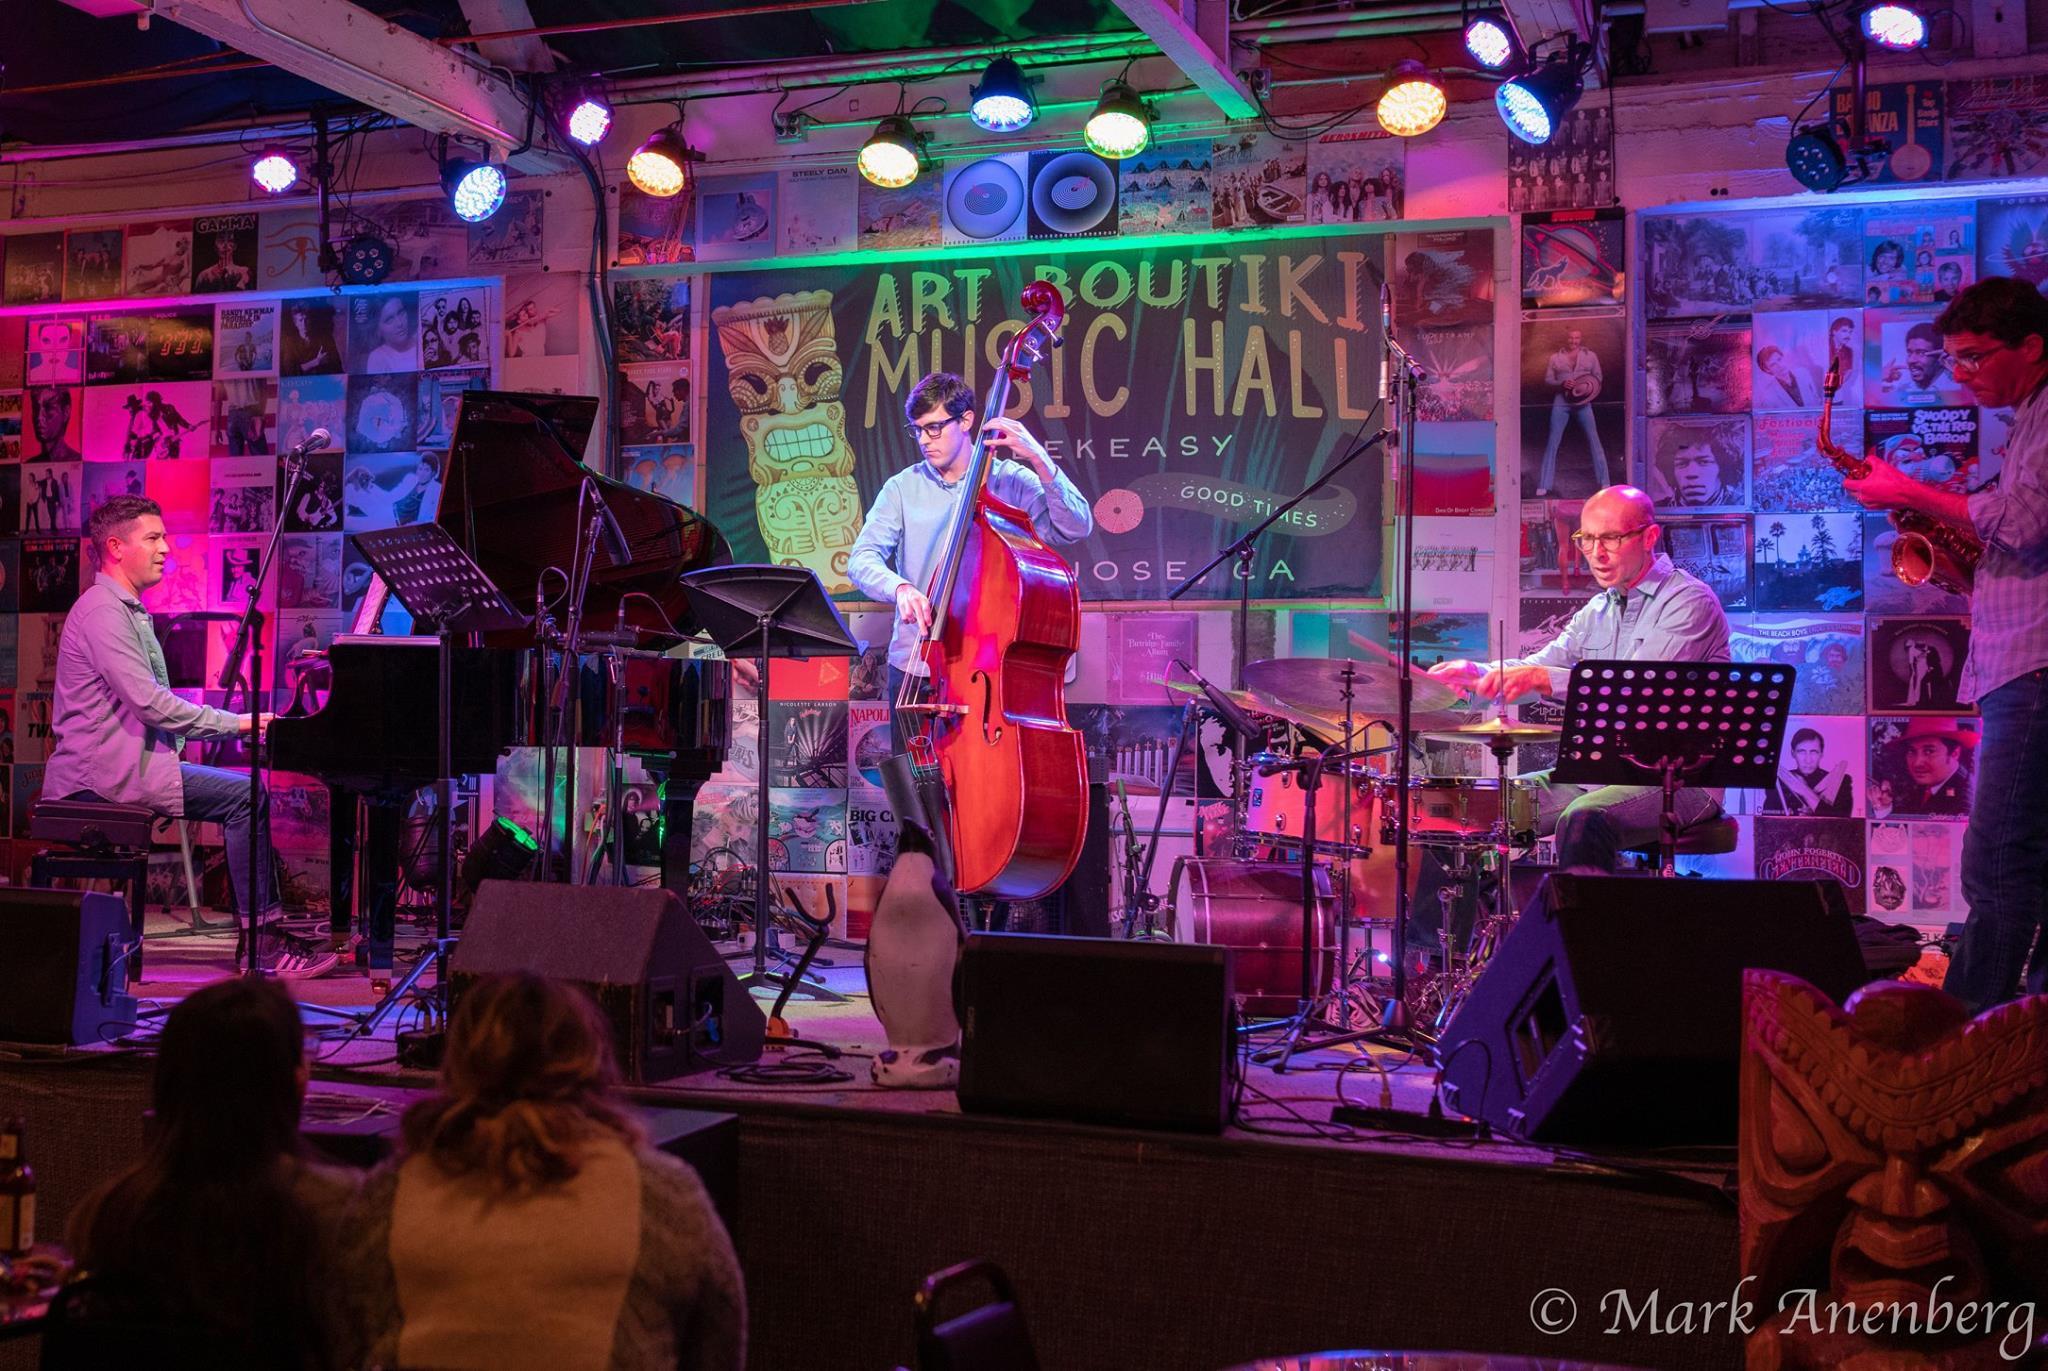 Shay Salhov Quartet Live Streamed From The Art Boutiki